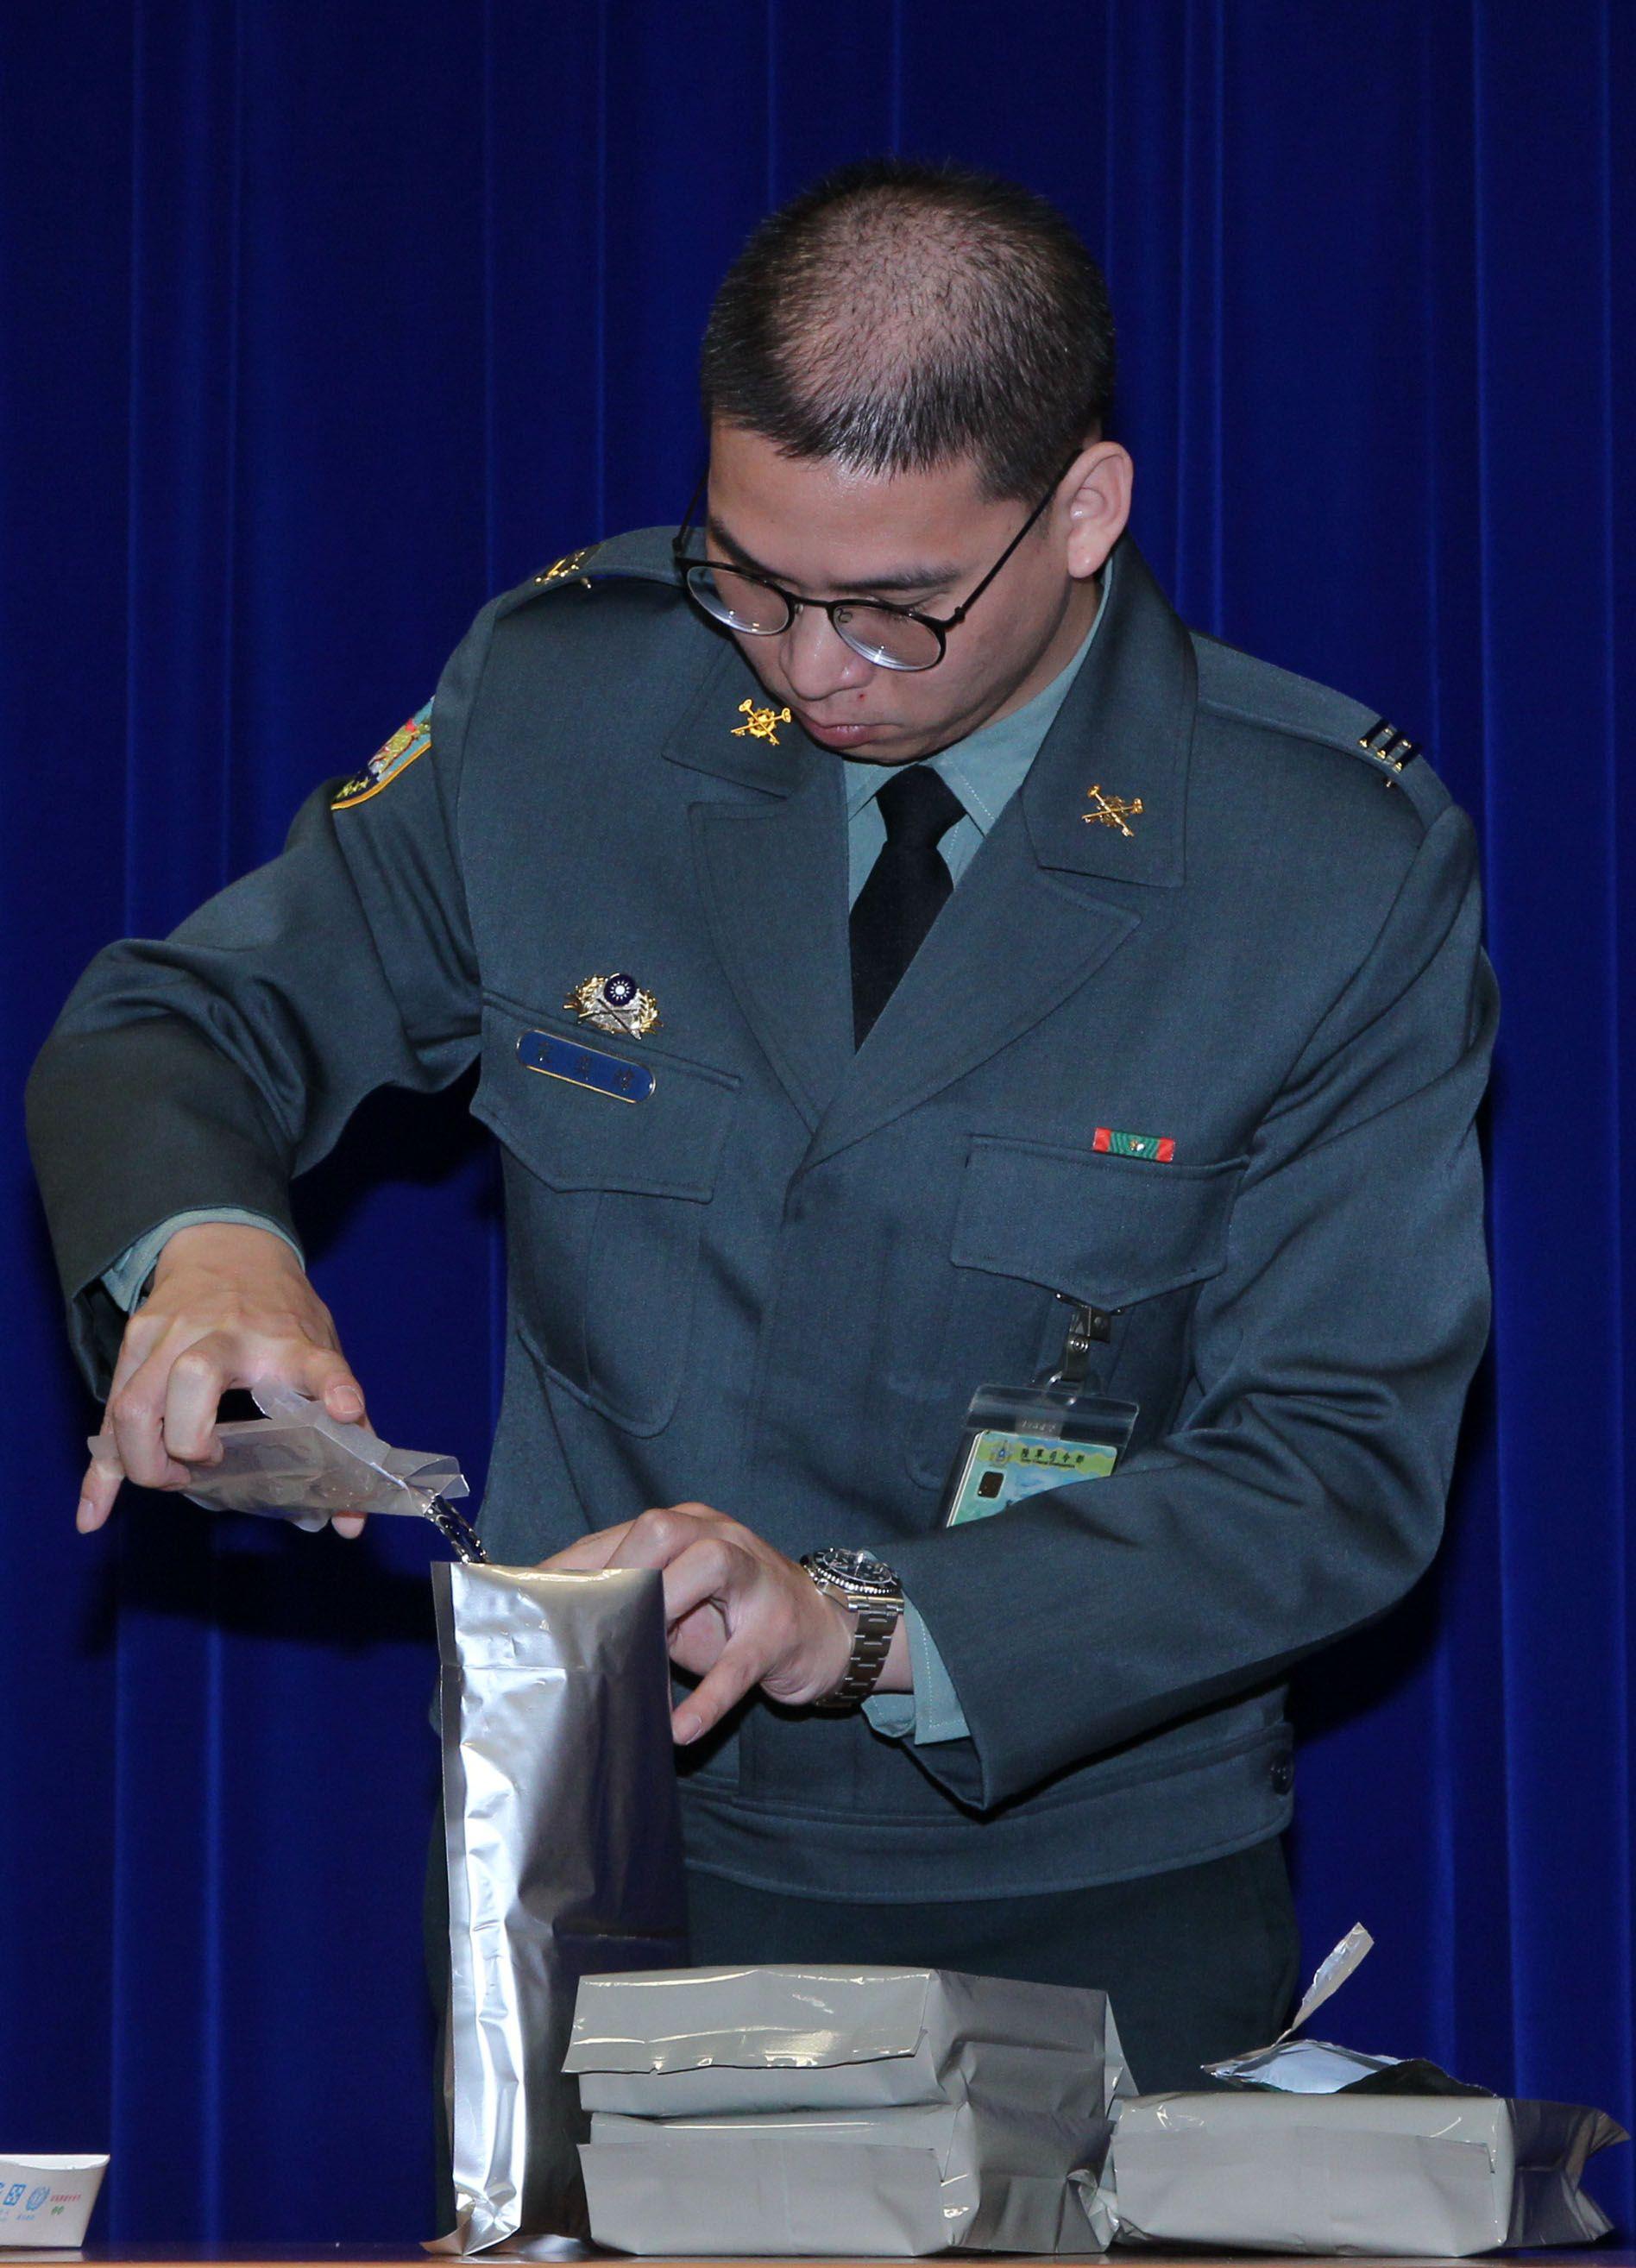 國軍加熱式餐盒公開展示,口味選擇多樣性、提升食用飽足感。(記者邱榮吉/攝影)